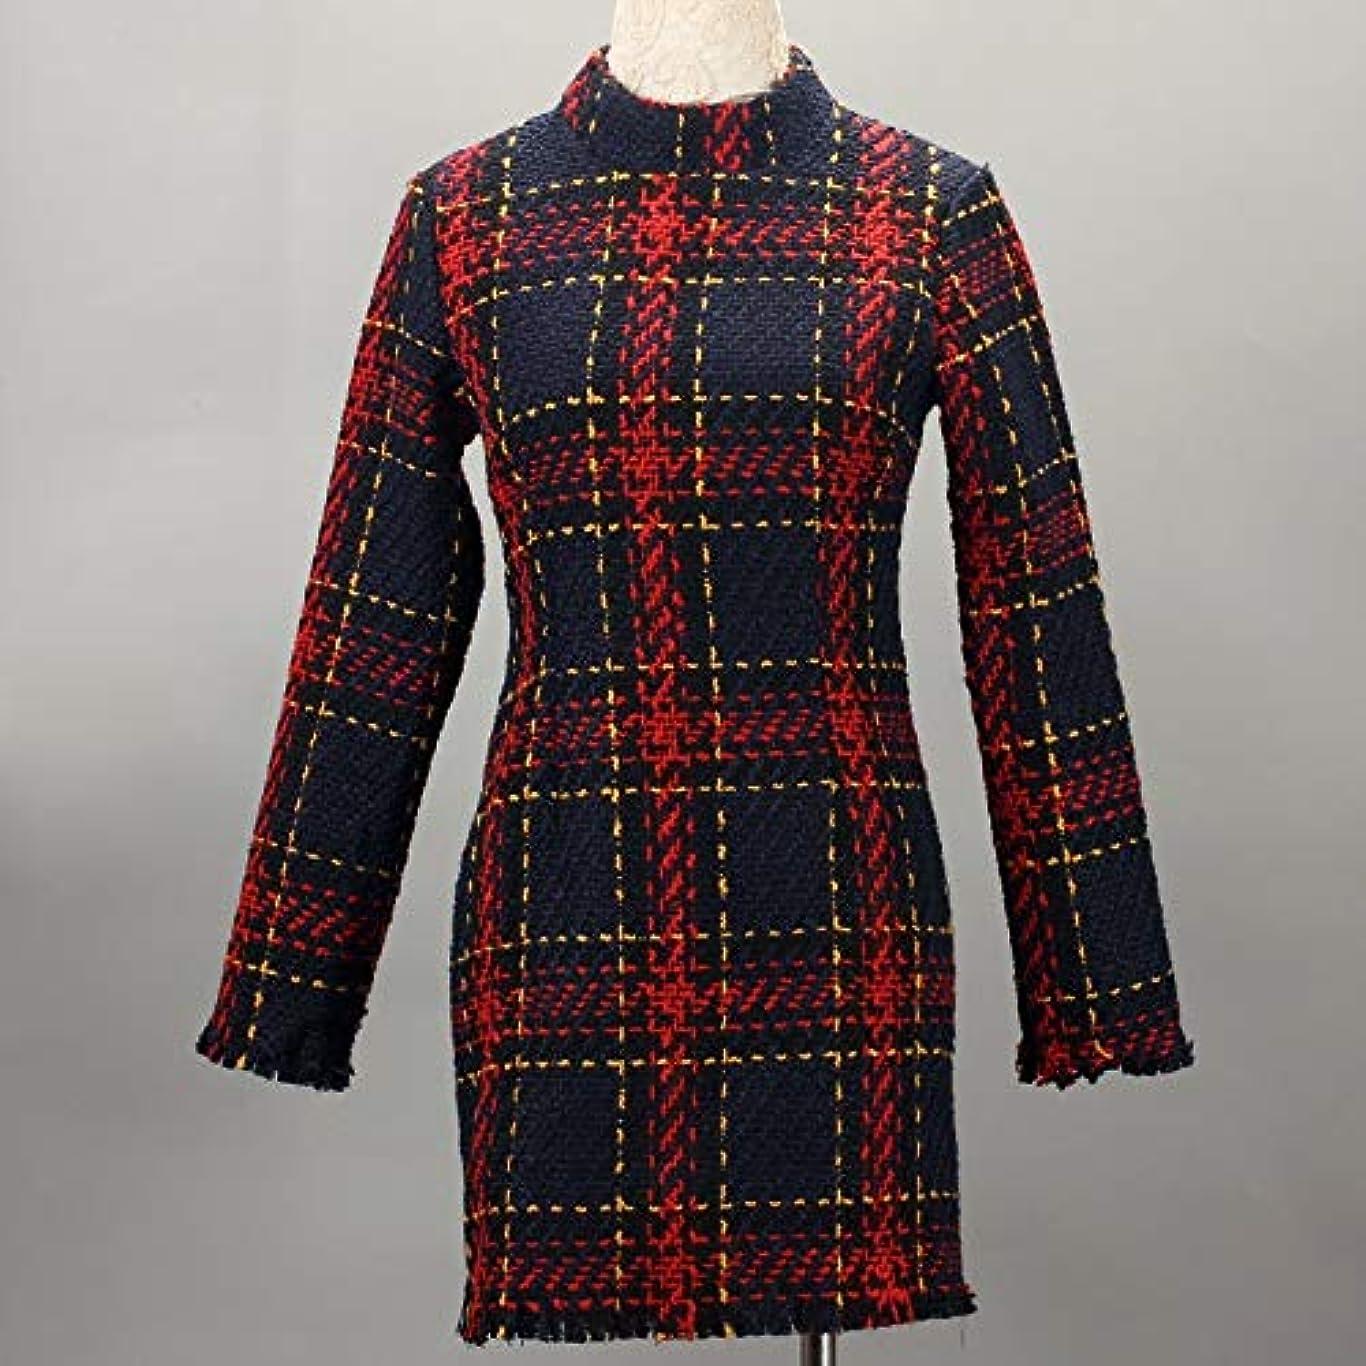 雰囲気ステッチ繕うOnderroa - ファッション冬のドレスの女性は、ストライプ長袖スリムスキニーセクシーなミニボディコンヴィンテージvestidosドレスの女性を印刷PLAID